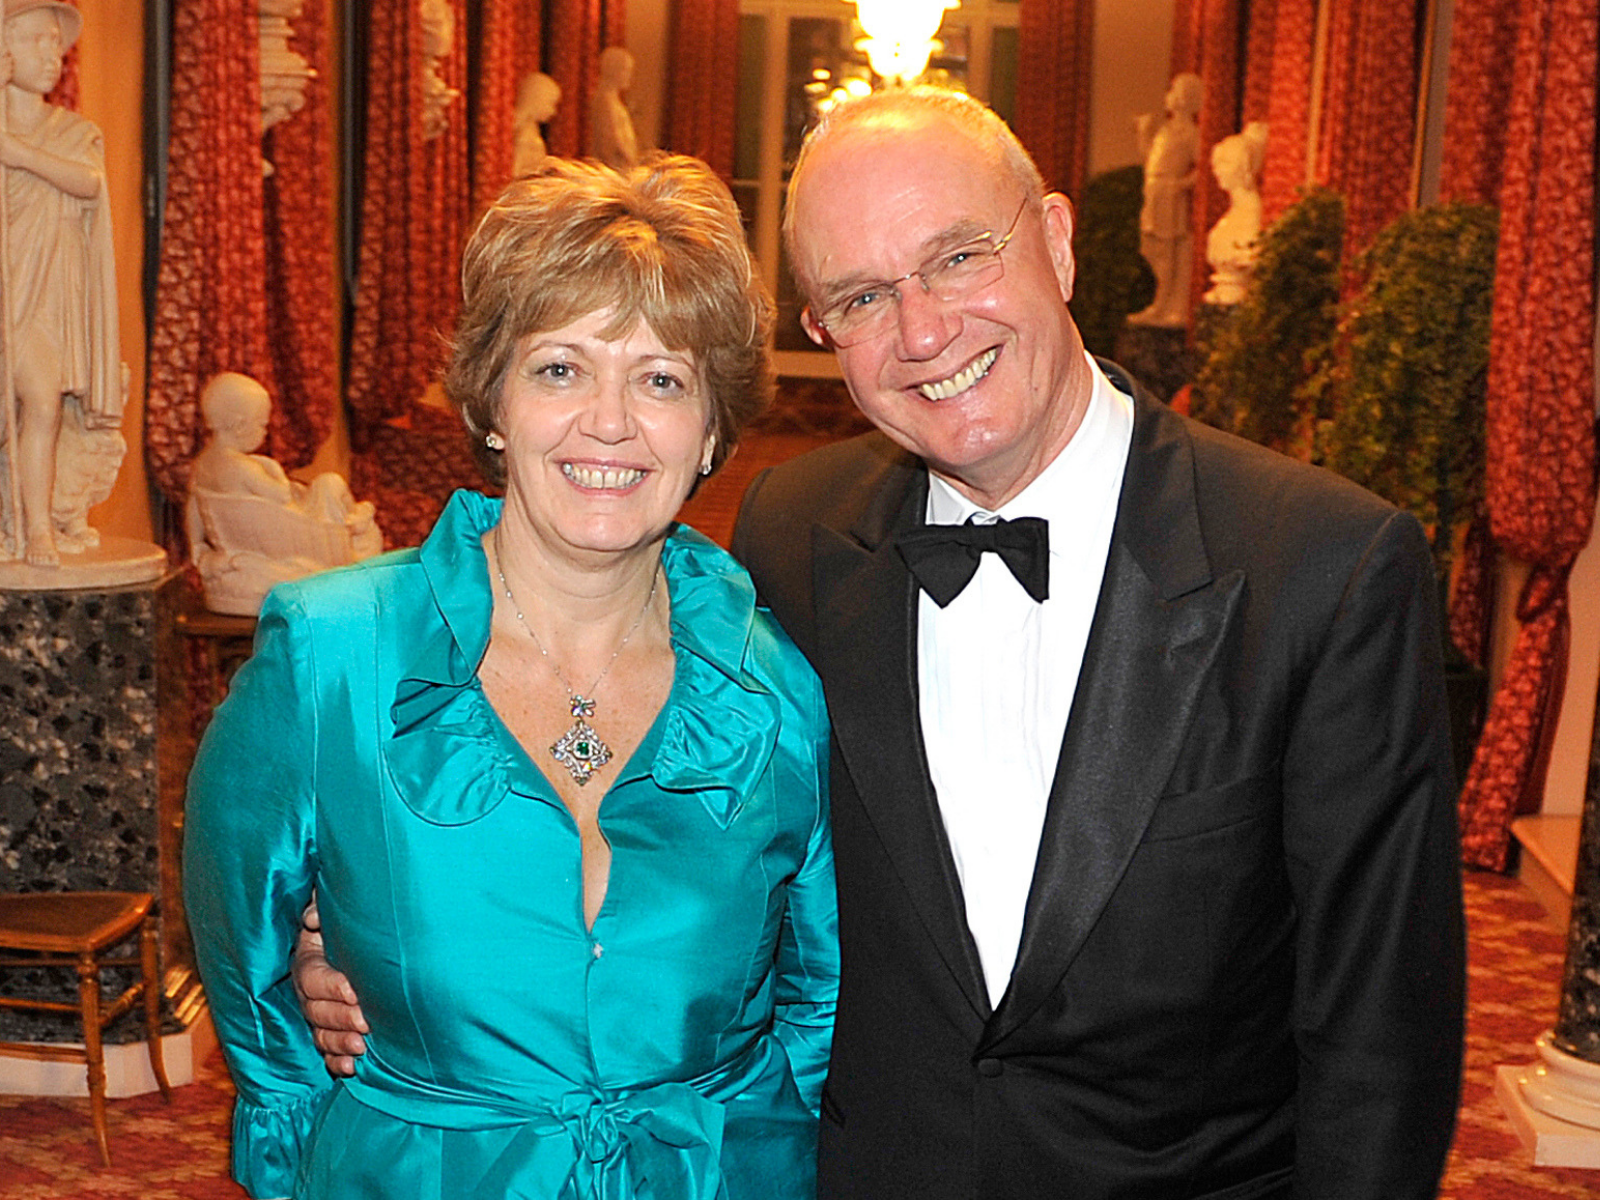 Martin and Roni Lovegrove at St James's Palace